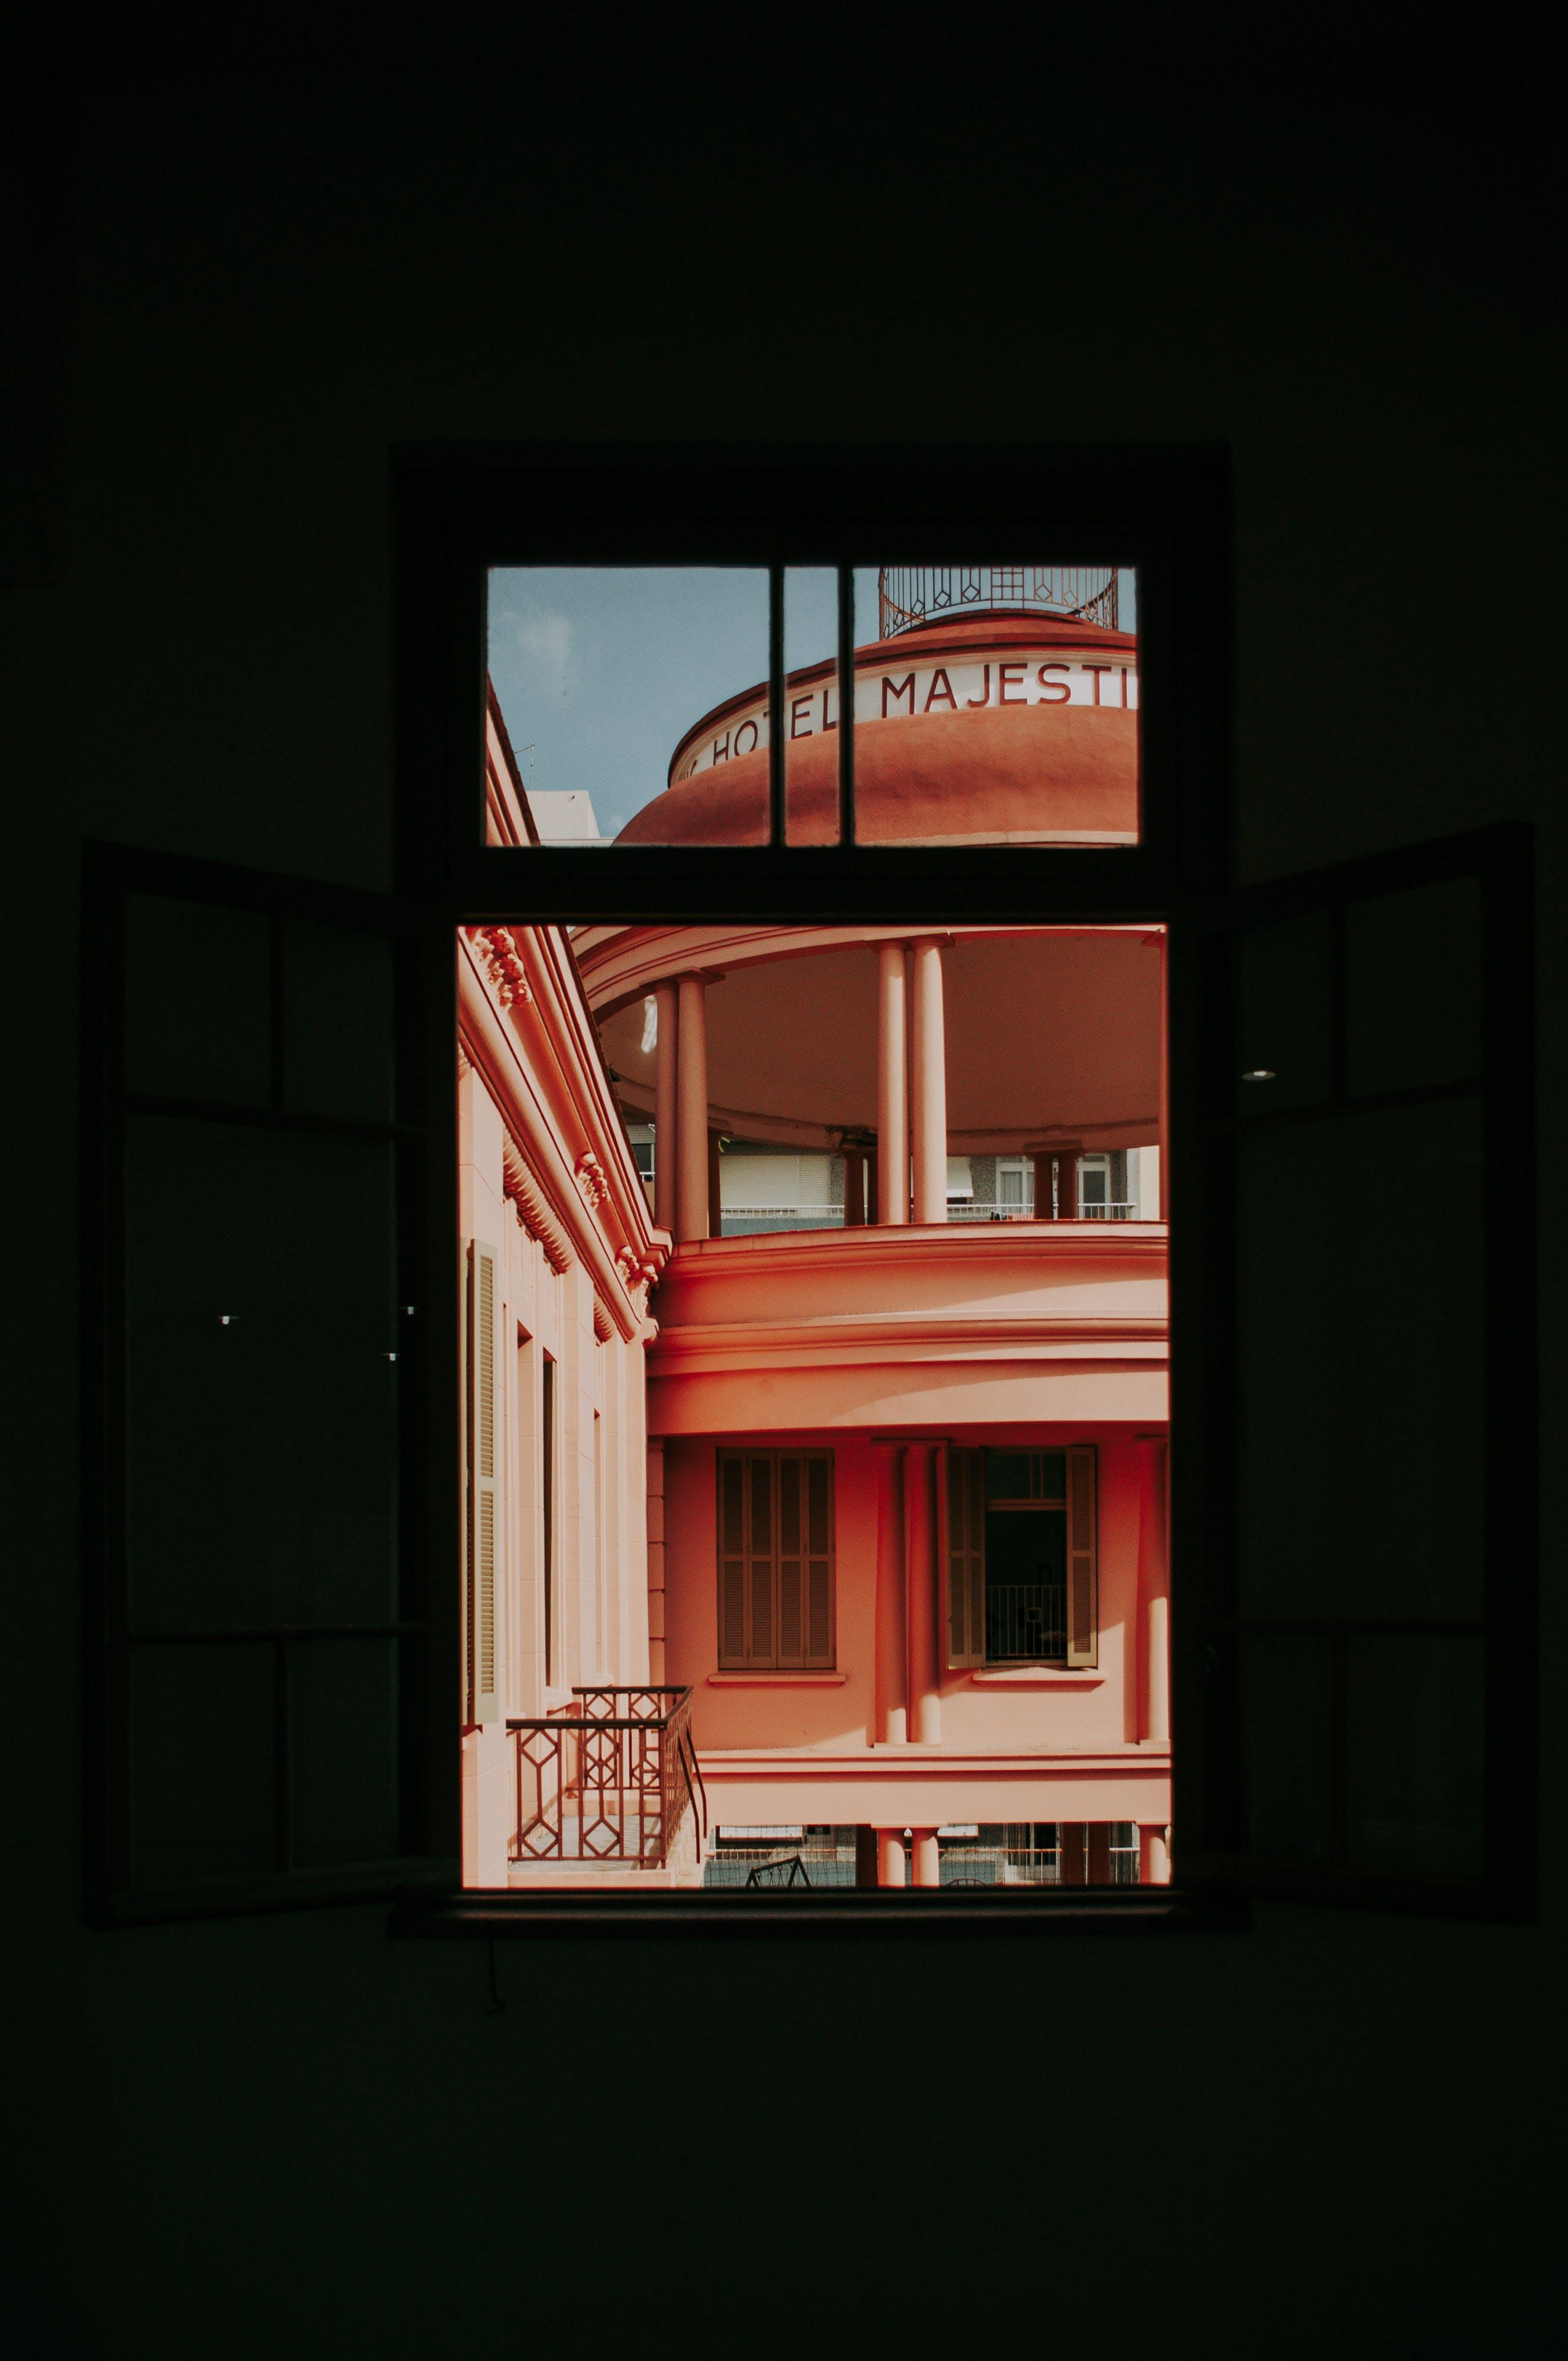 Kostenloses Stock Foto zu architektur, architekturdesign, ausdruck, außen